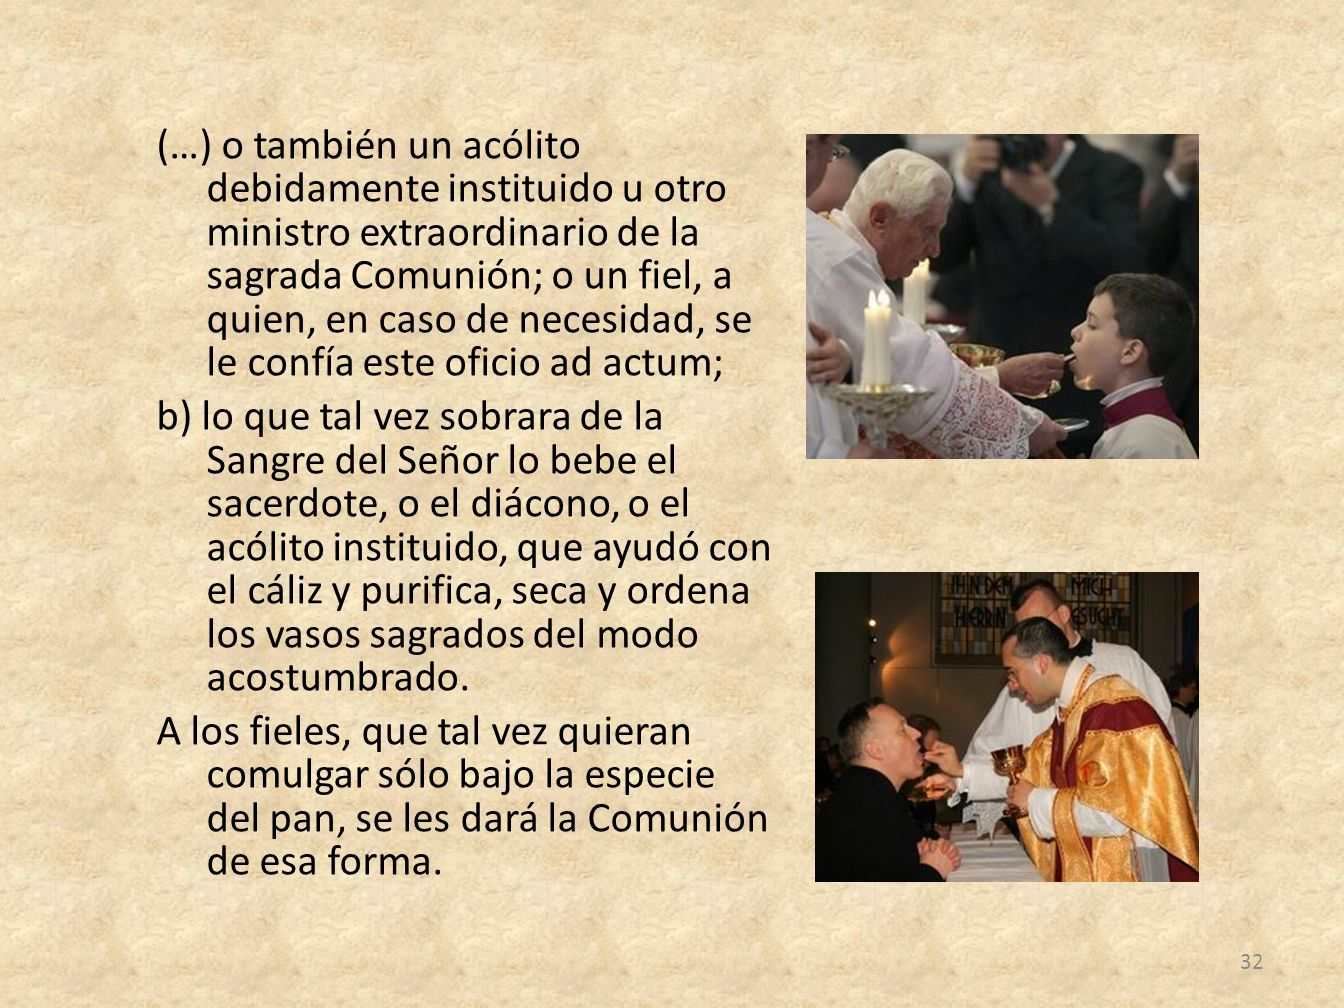 (…) o también un acólito debidamente instituido u otro ministro extraordinario de la sagrada Comunión; o un fiel, a quien, en caso de necesidad, se le